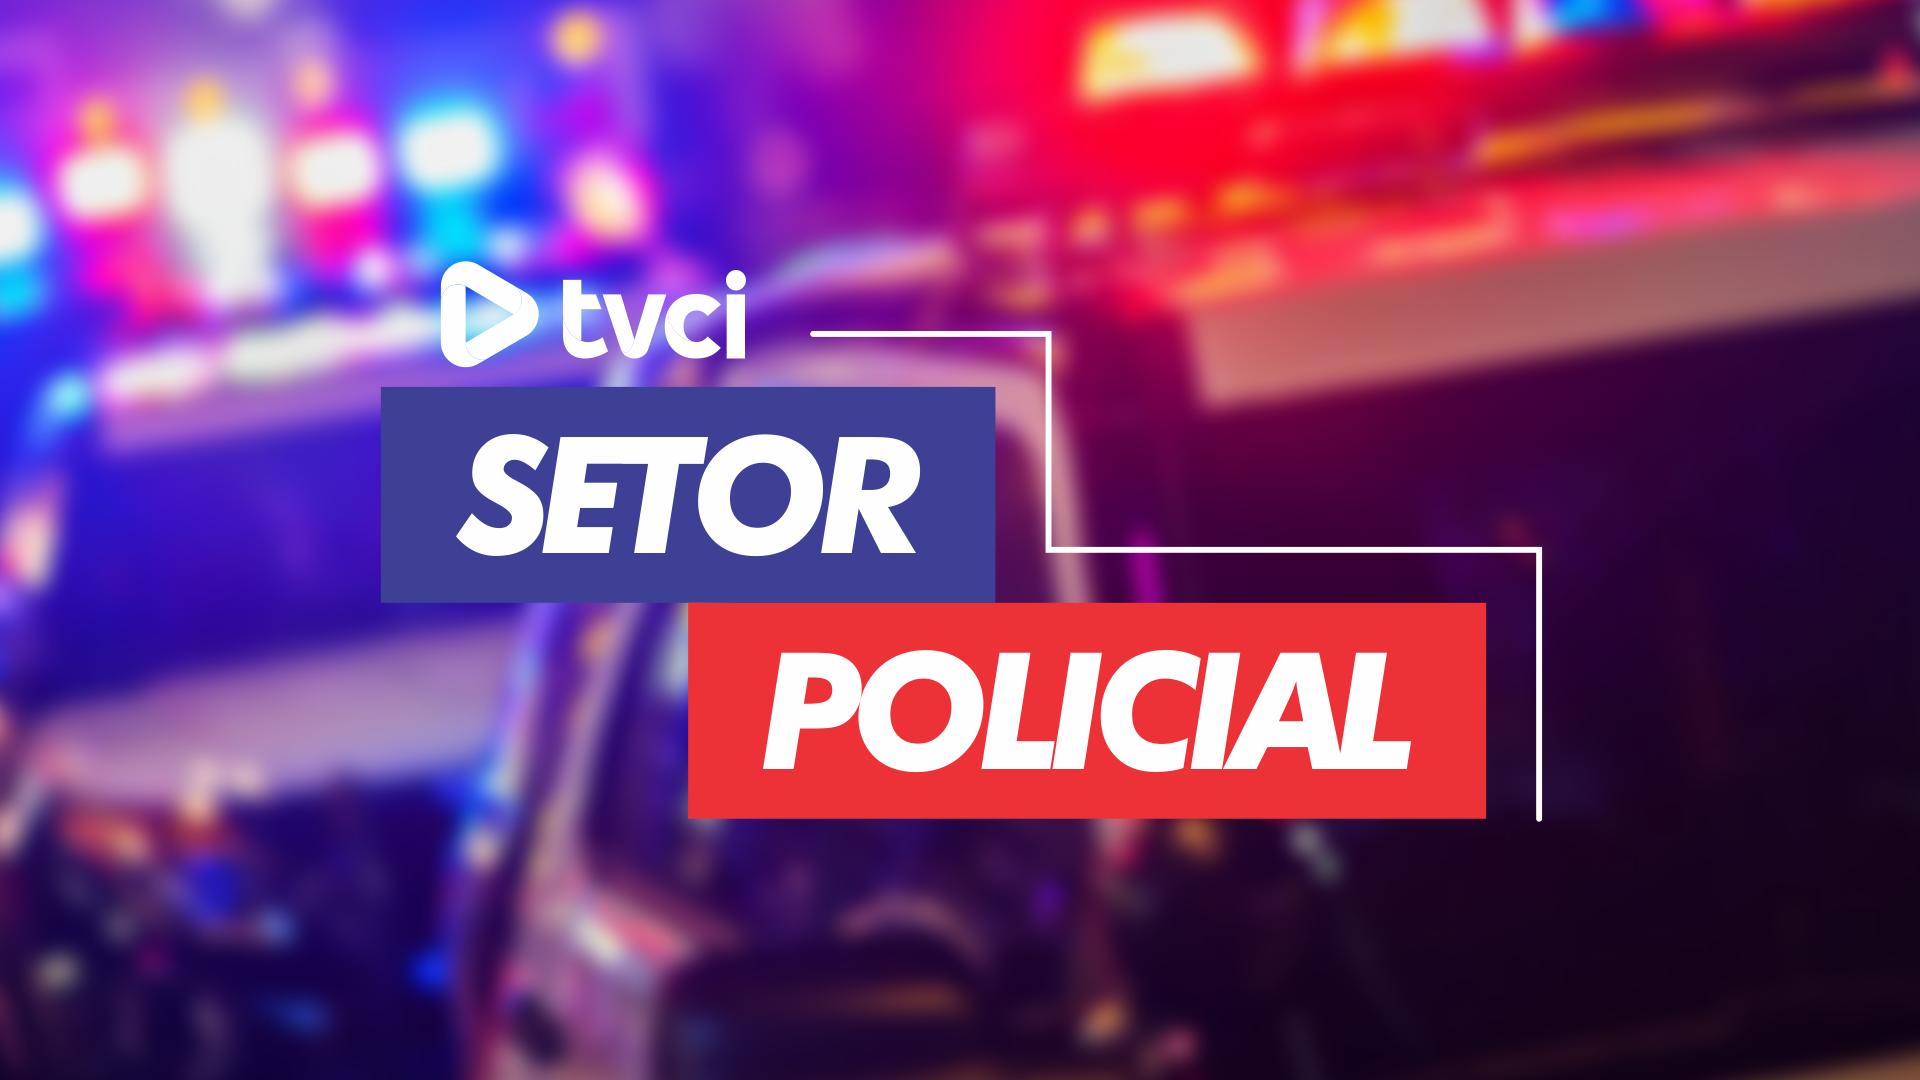 Jovem é vítima de agressão e acusa irmã de maus tratos em Paranaguá